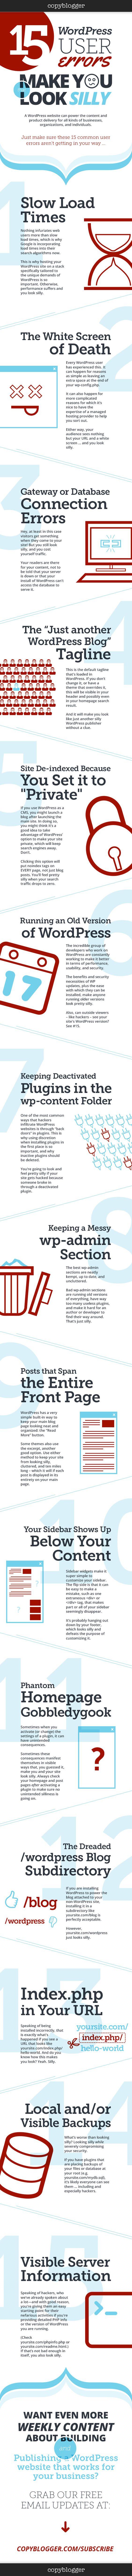 15 errores en Wordpress que te pueden volver loco #infografia #infographic #socialmedia